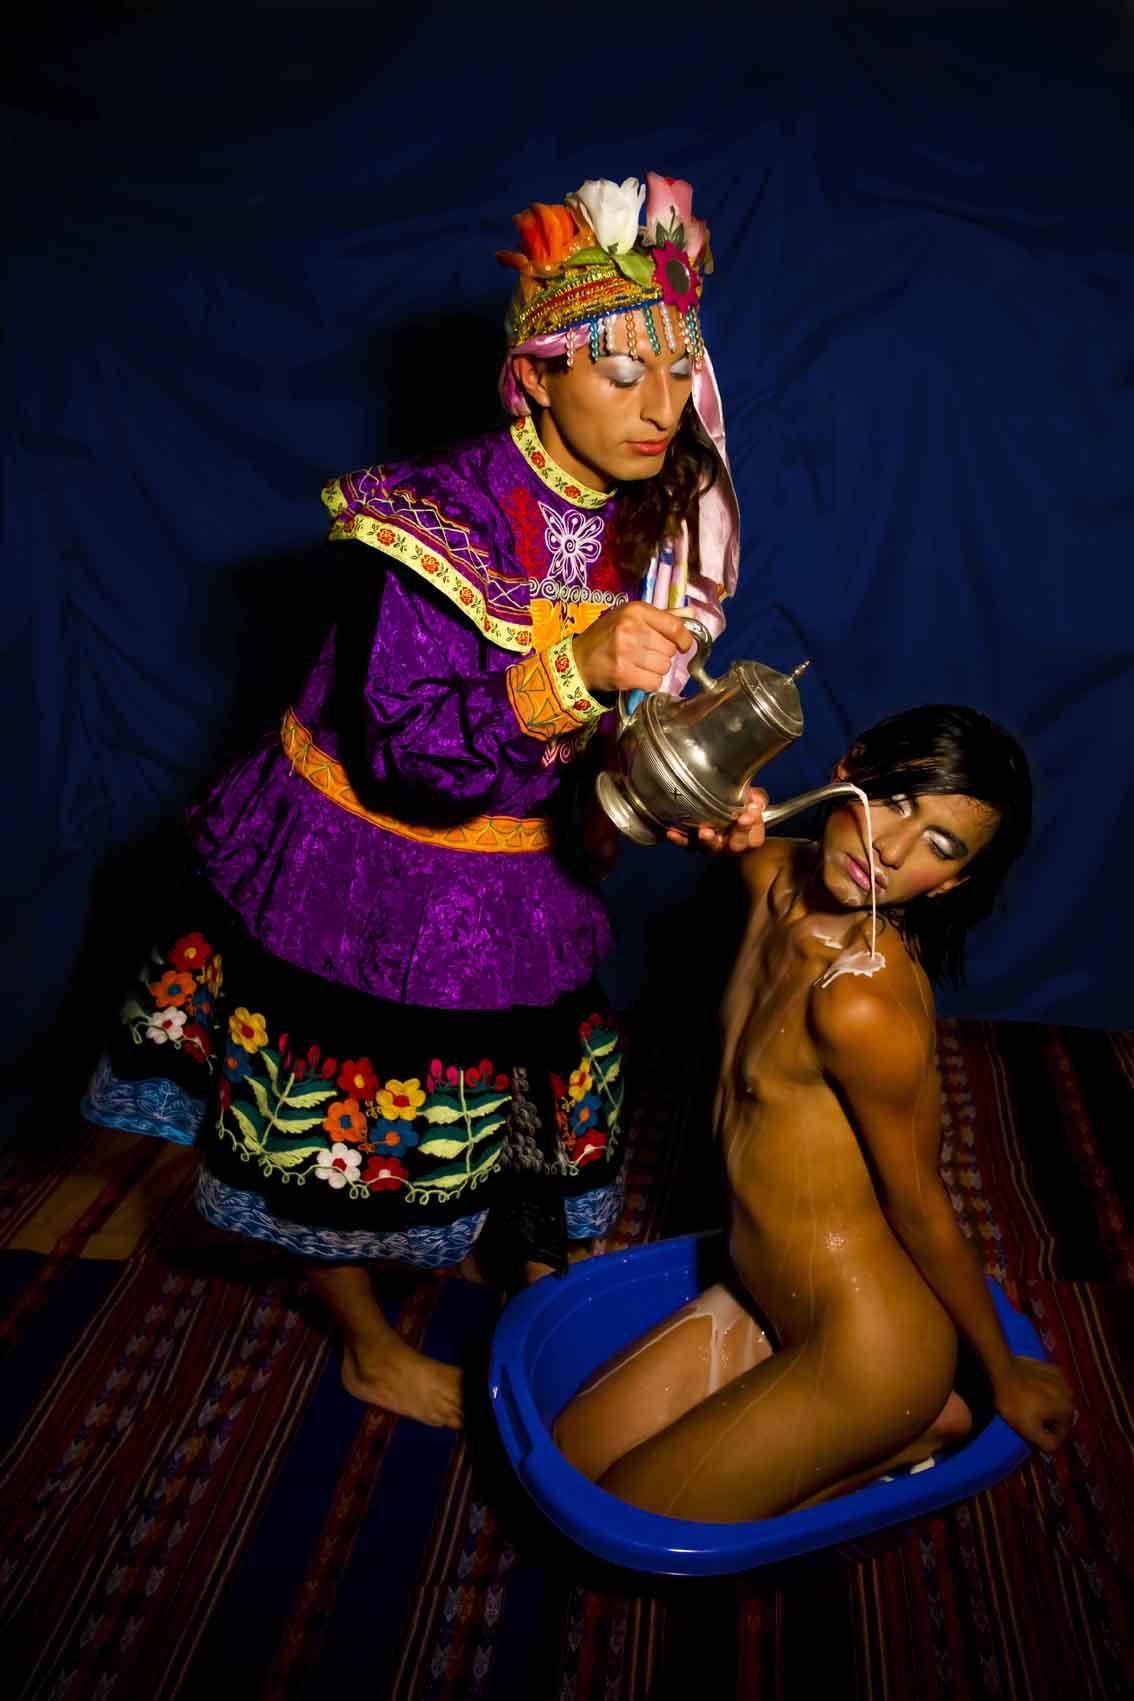 Erótica Mitológica Perú (2011) - Pablo Maire